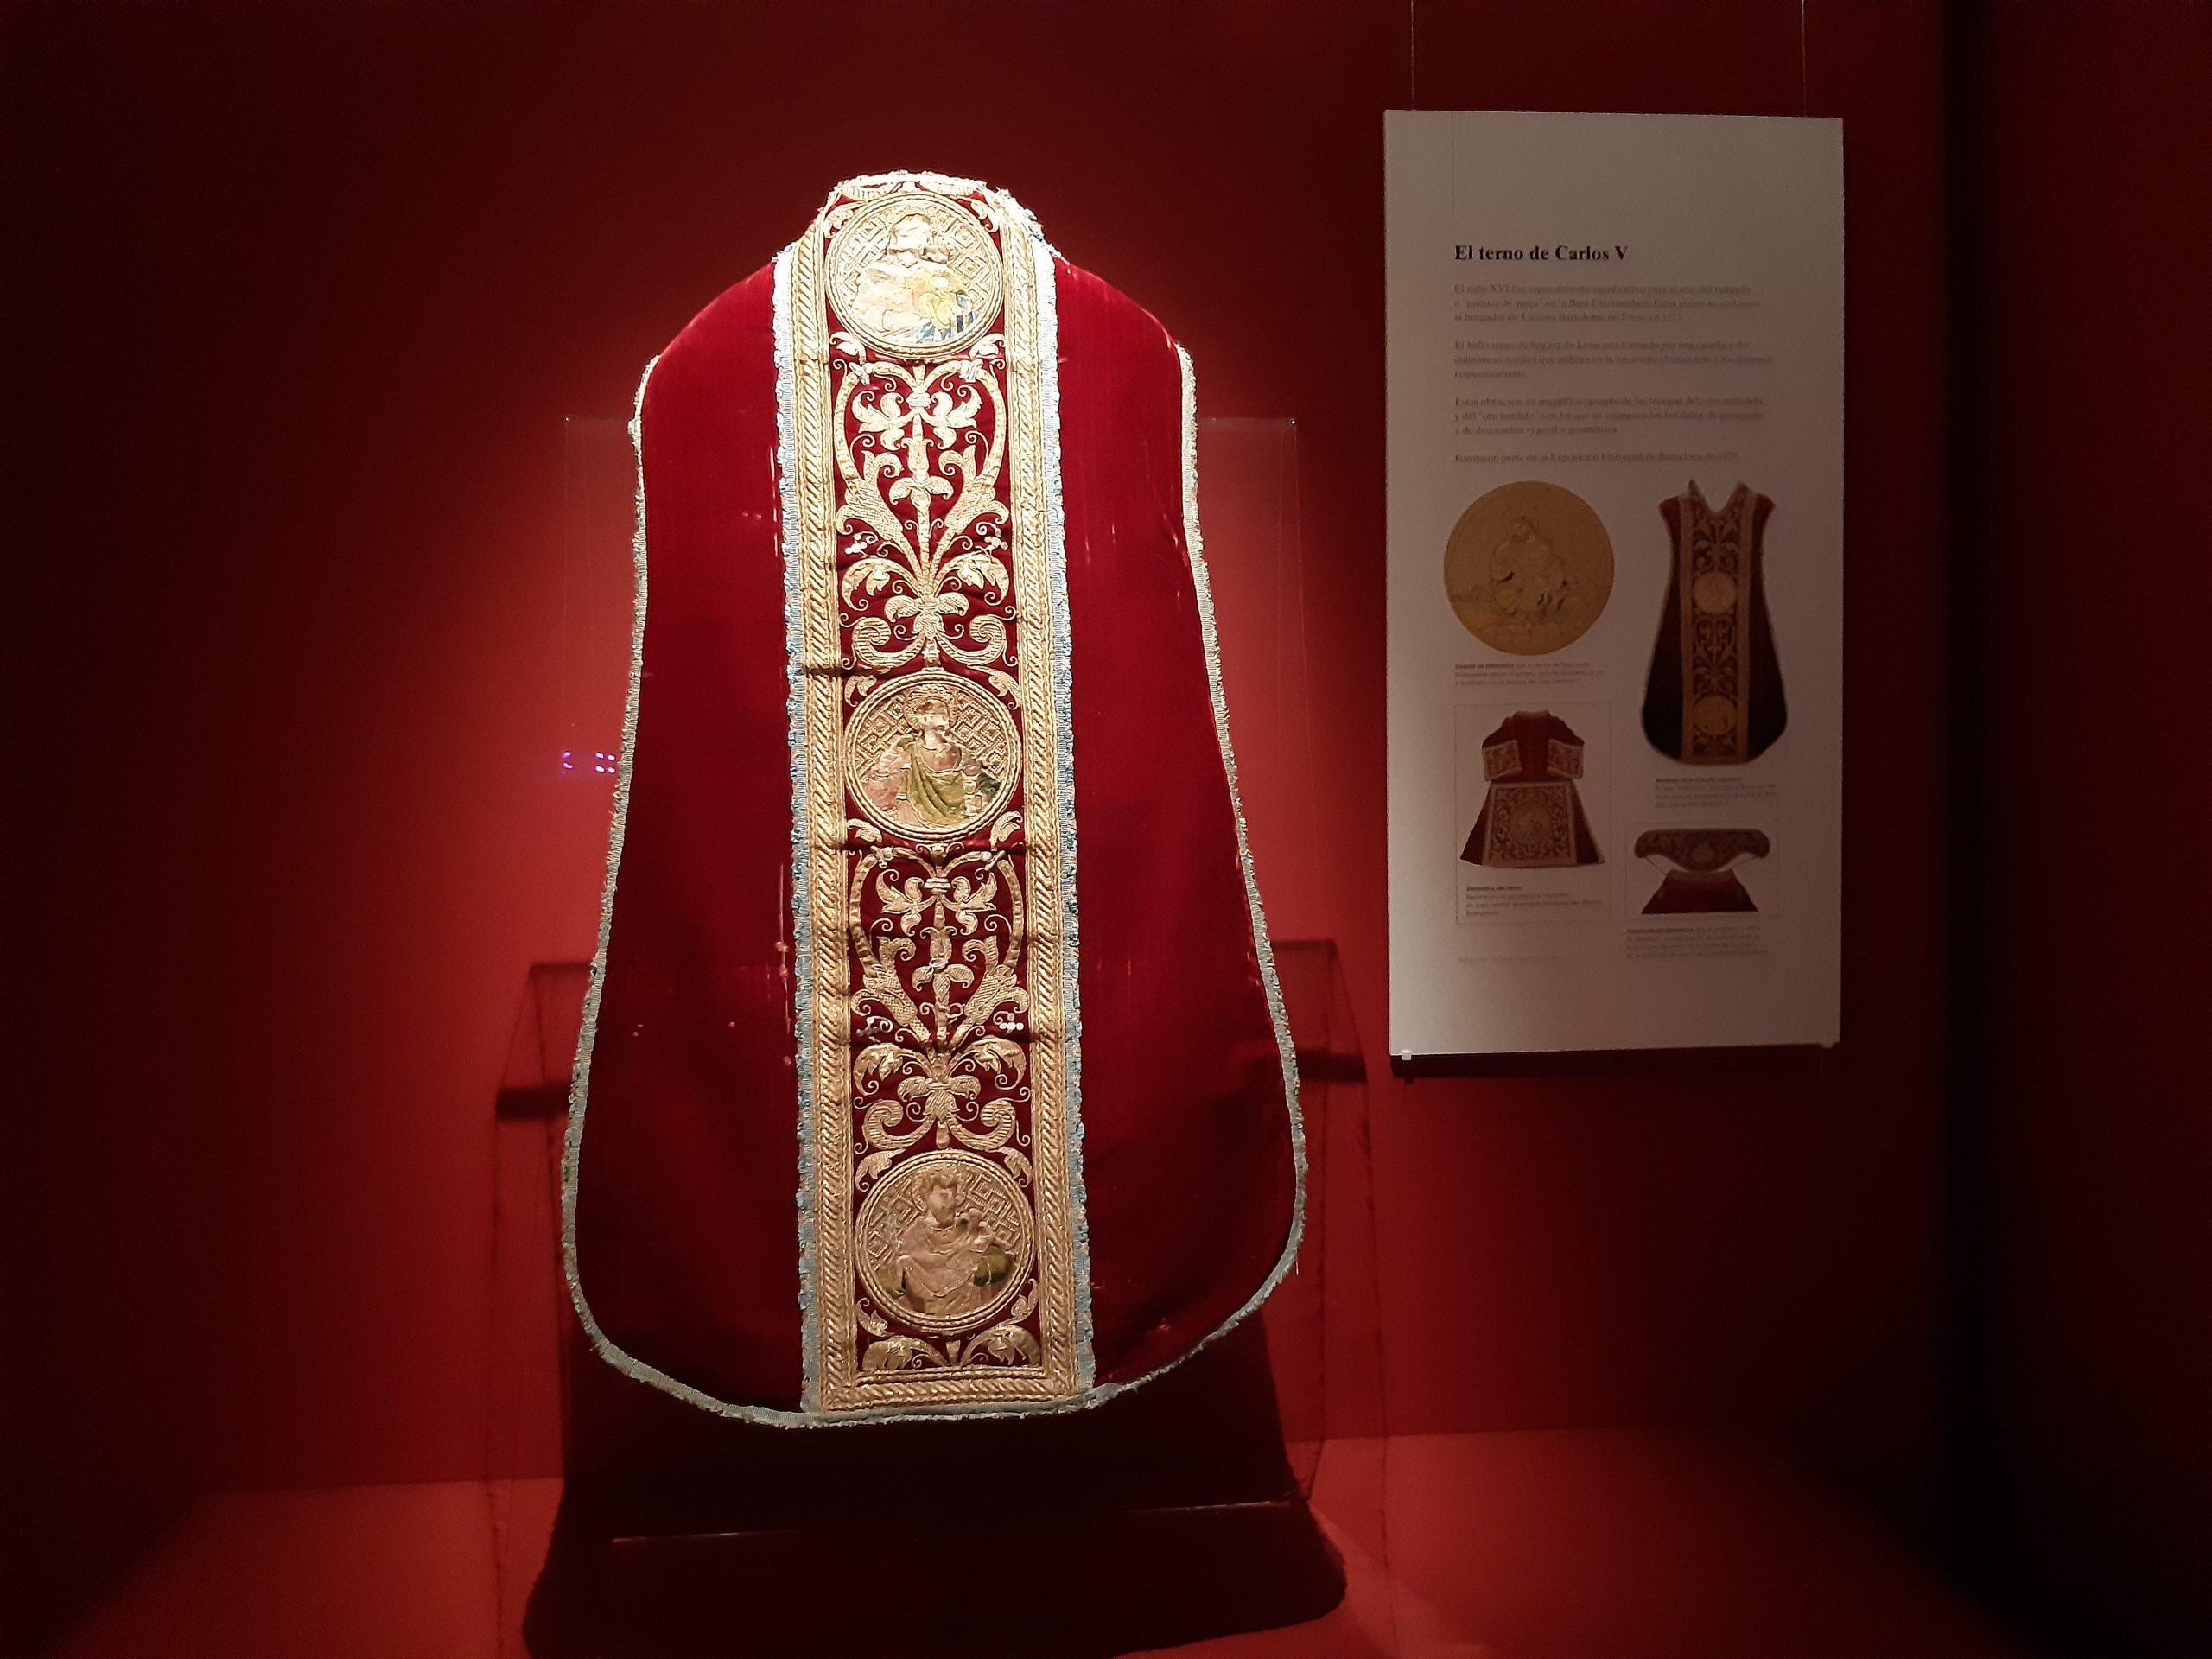 Casulla roja Segura Pieza invitada Museo Catedral agosto 20